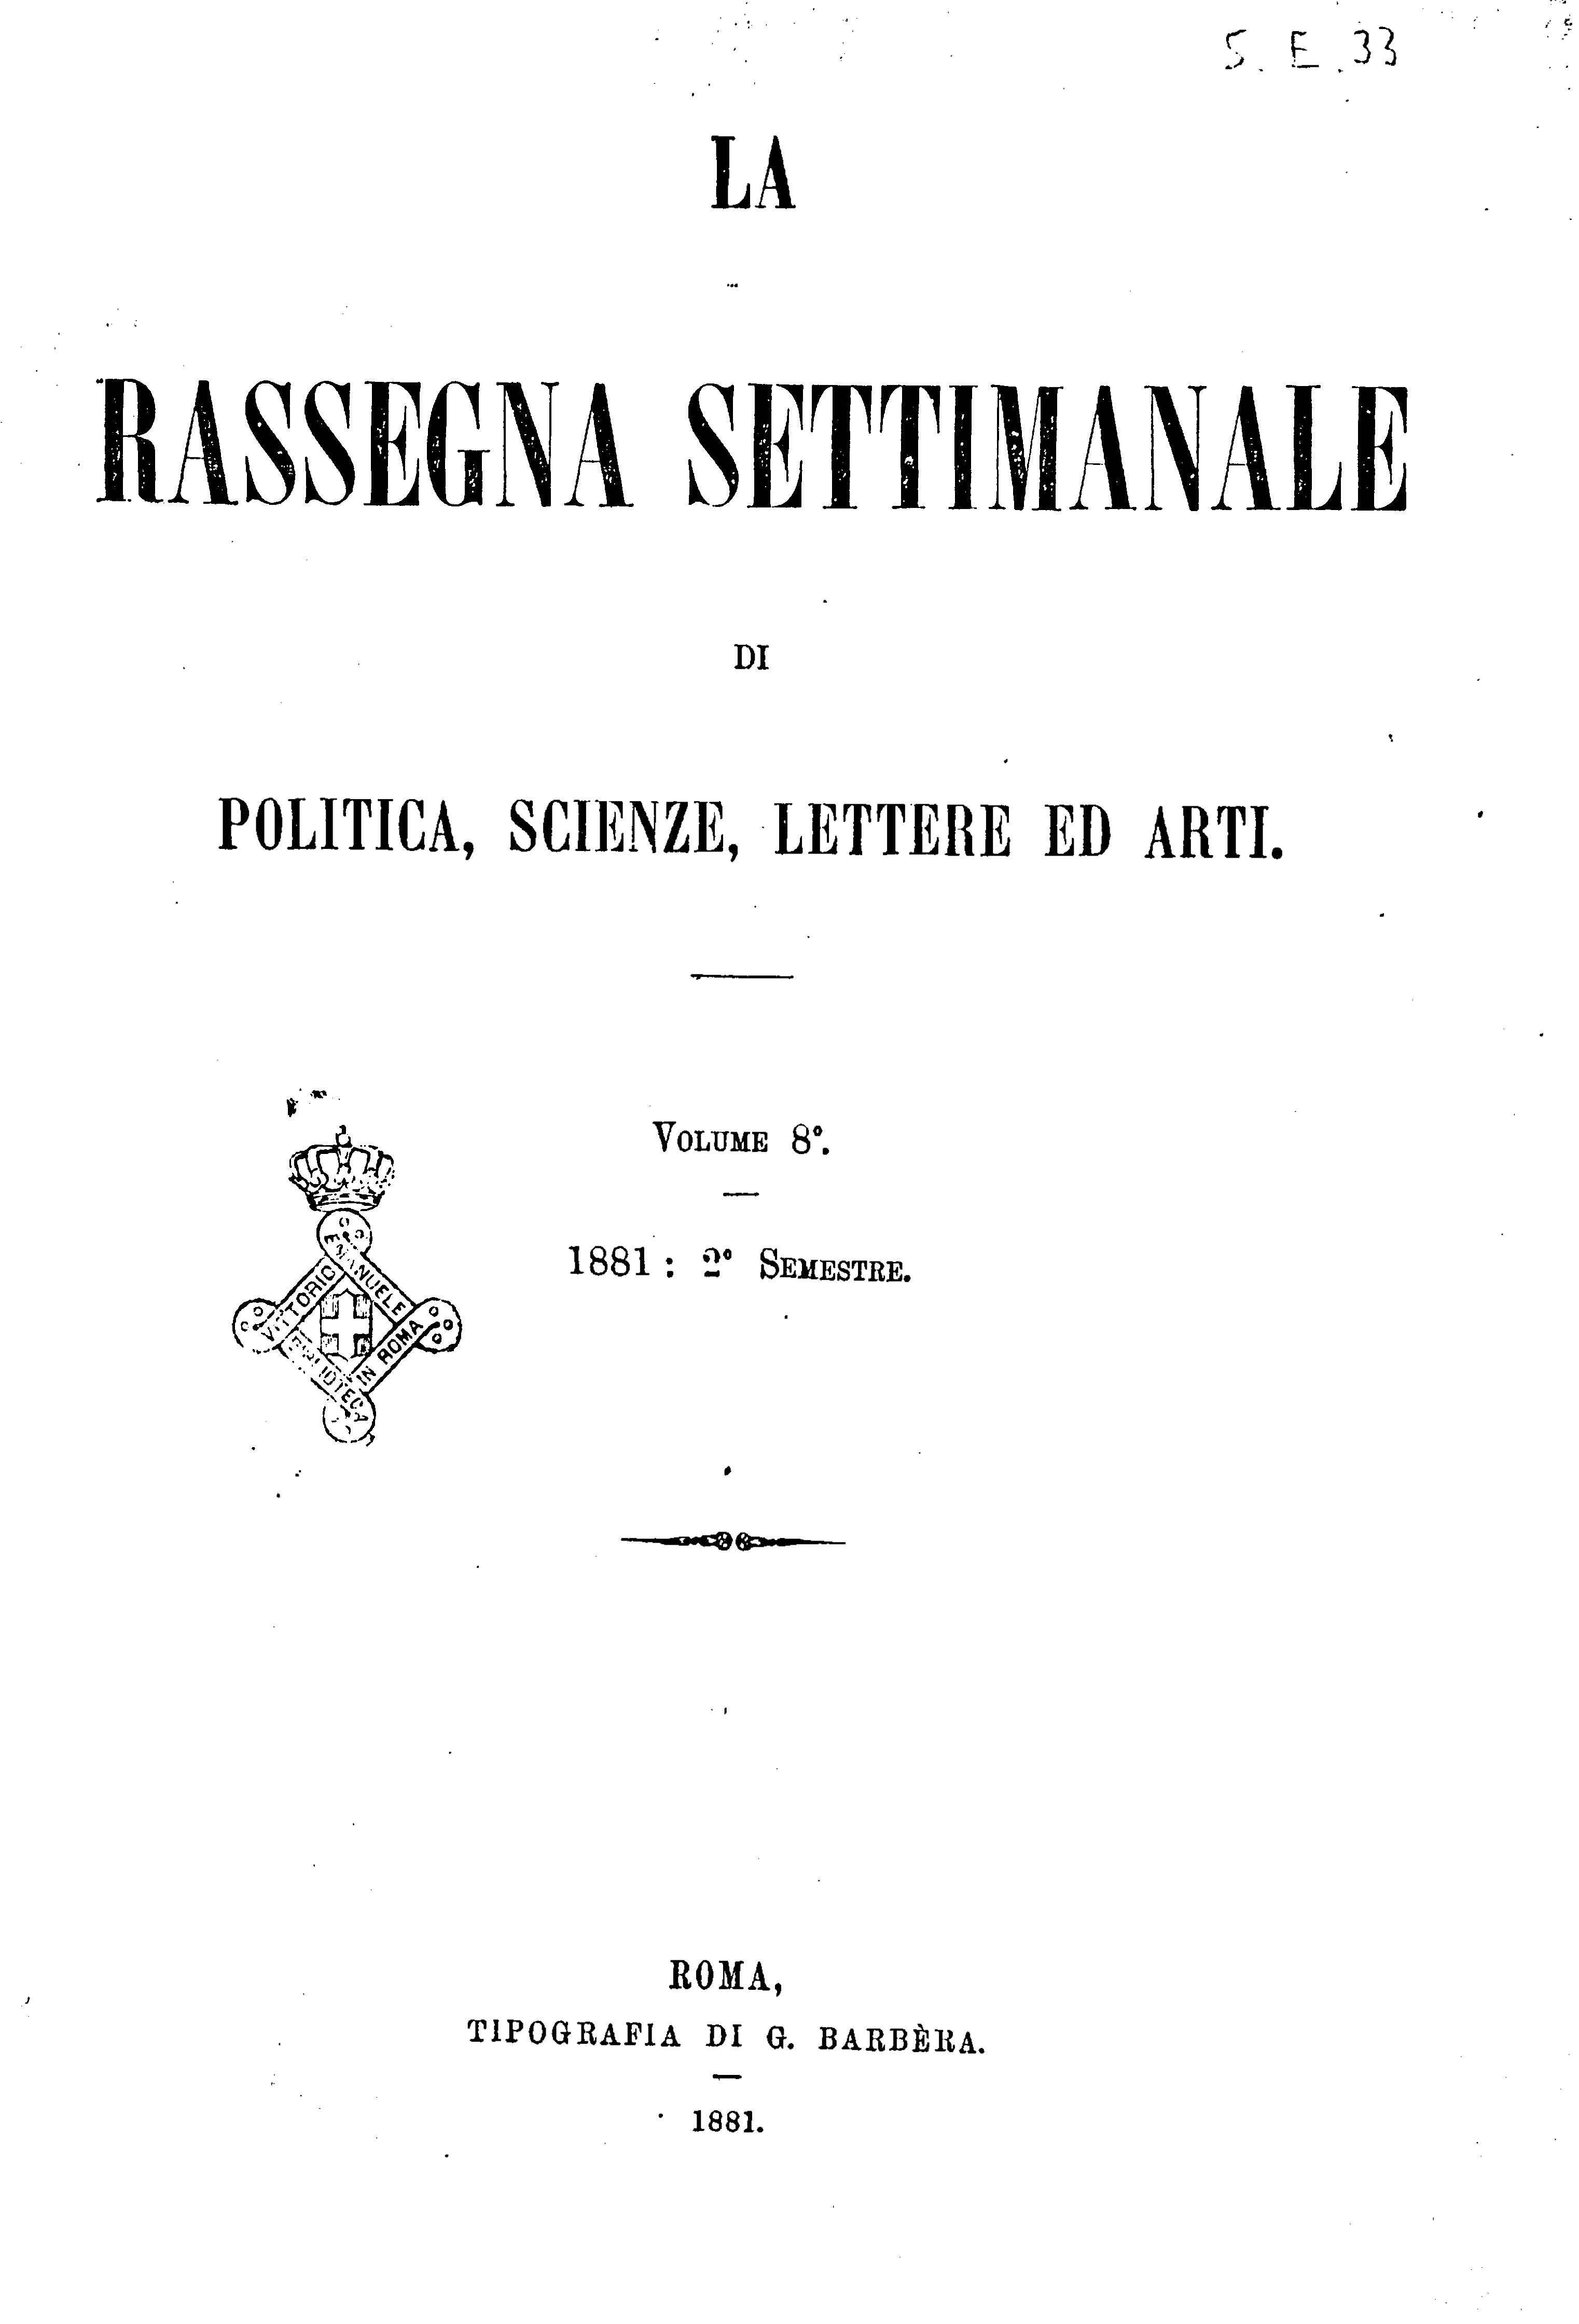 Fascicolo 189 - Volume 8 - 1881 - Semestre 2 - Trimestre 1